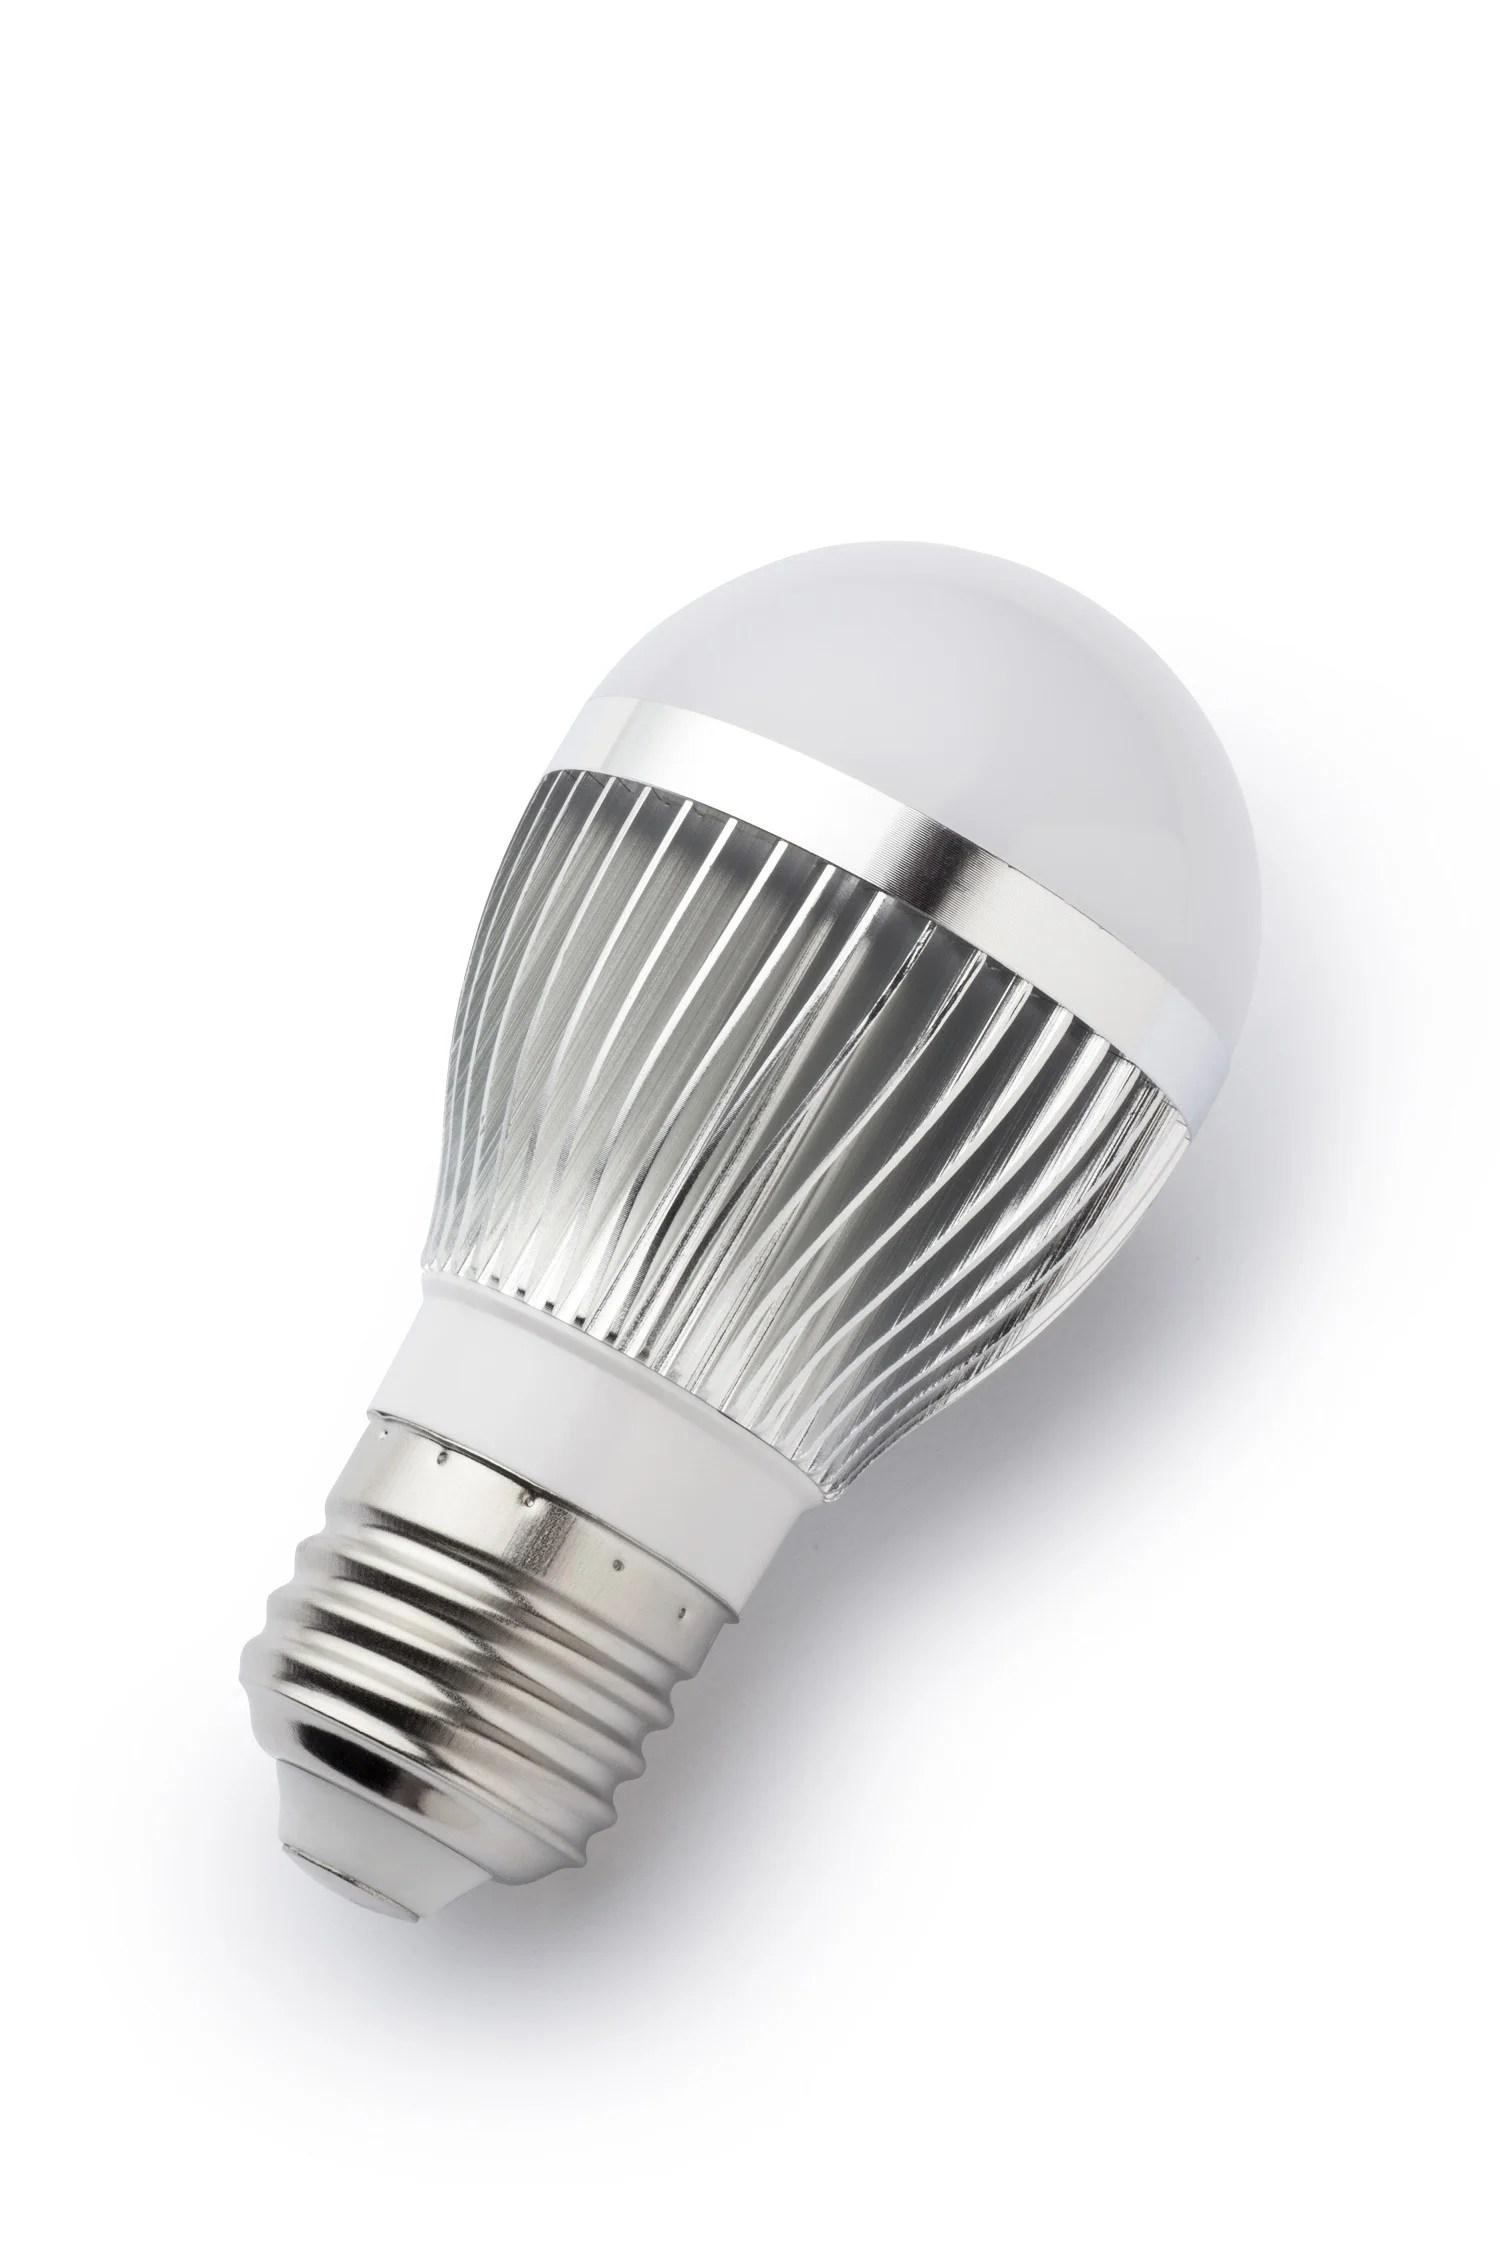 3 watt dc 12v 24v led lamp for landscape light bulb replacements e27